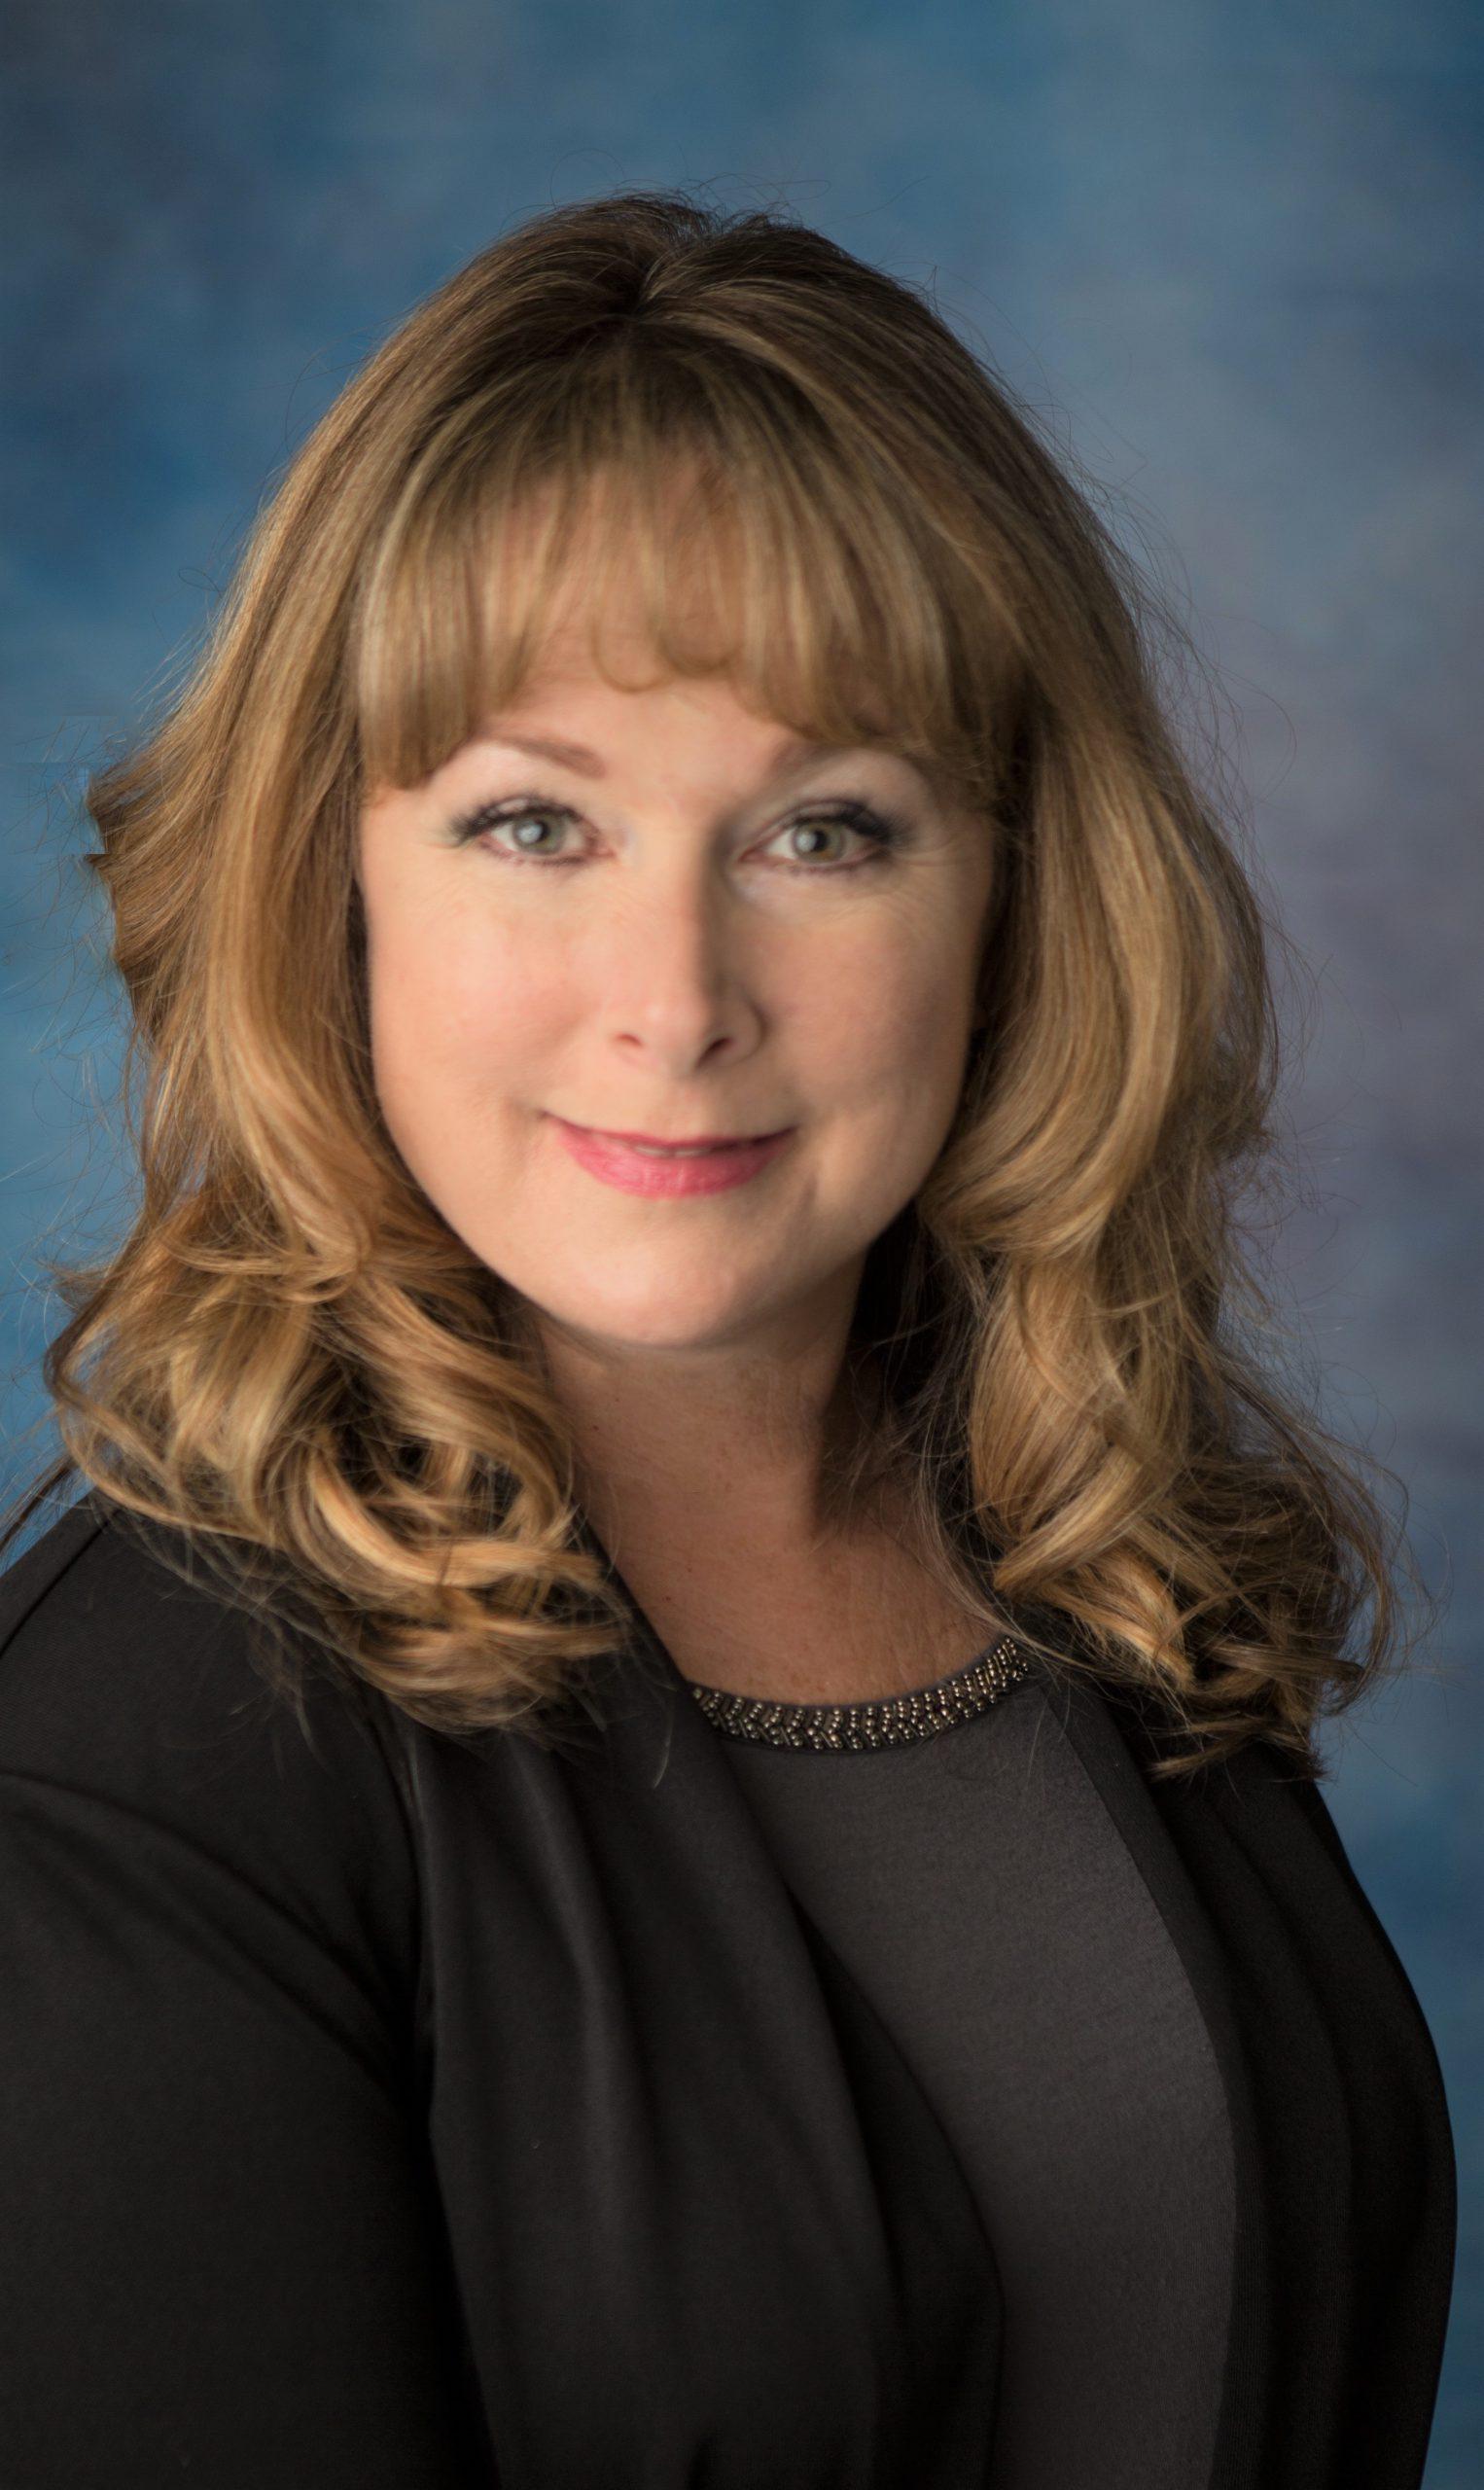 Kimberly Fornof